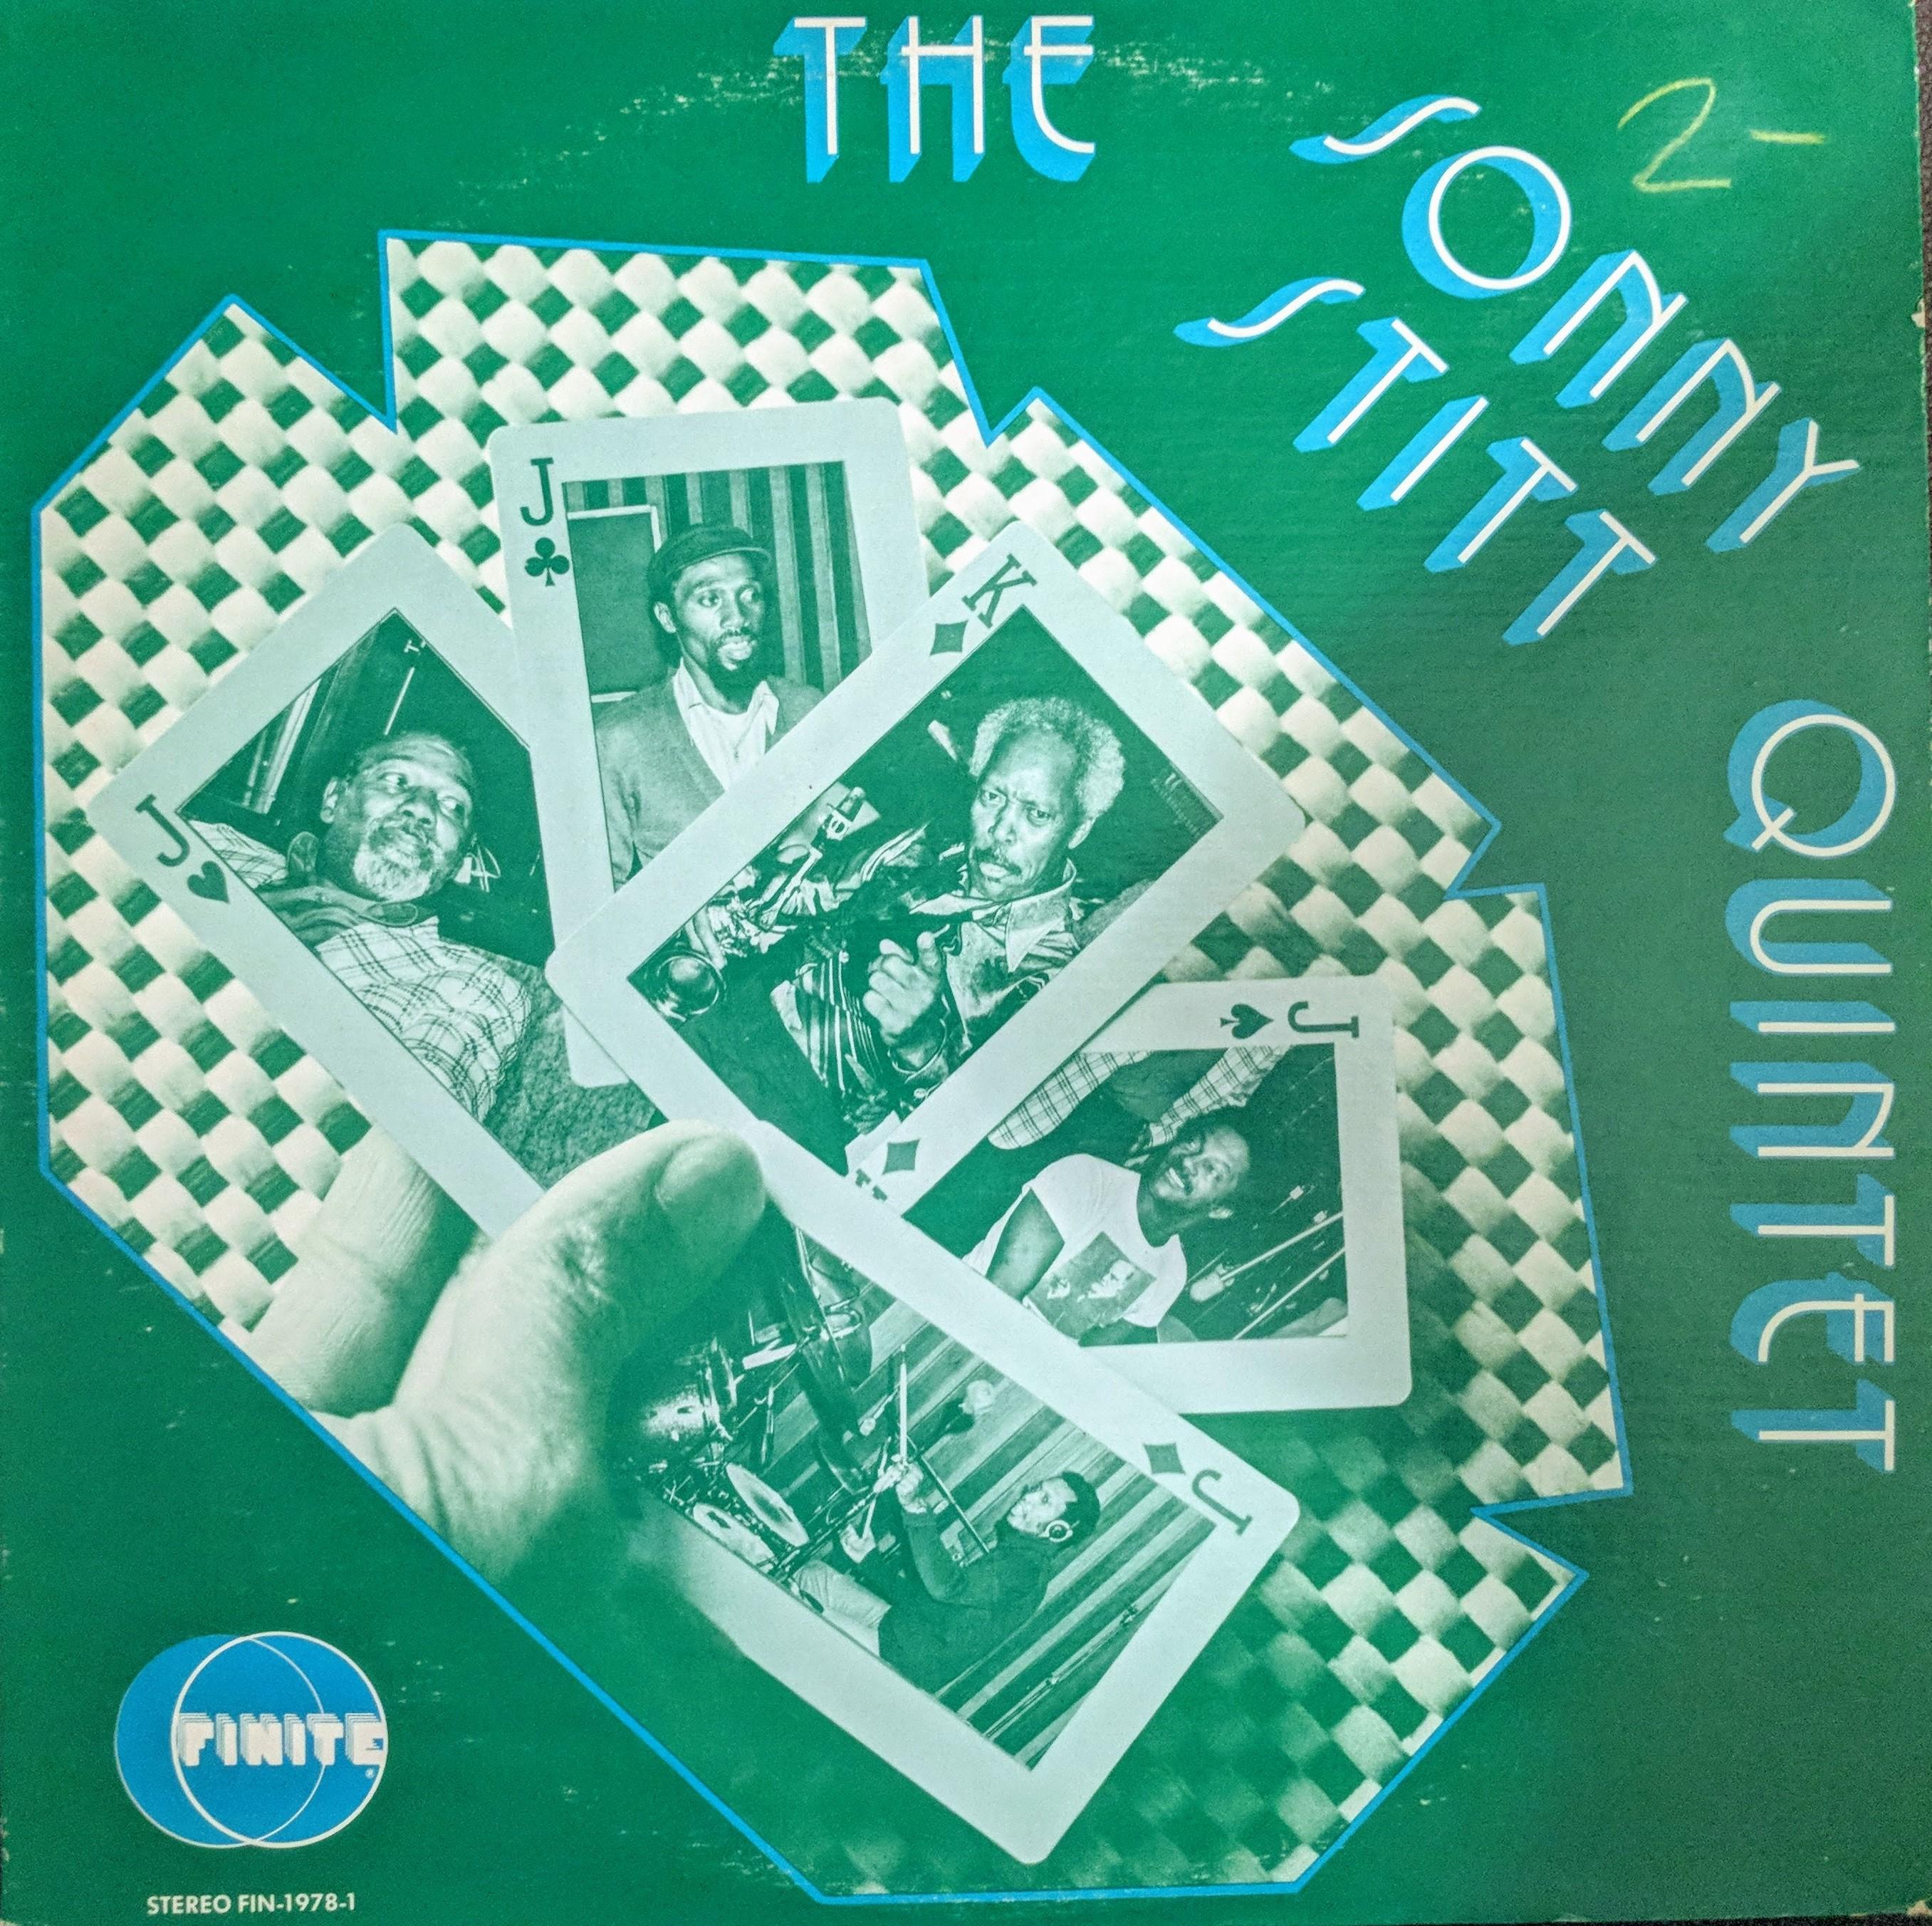 SONNY STITT - The Sonny Stitt Quintet cover